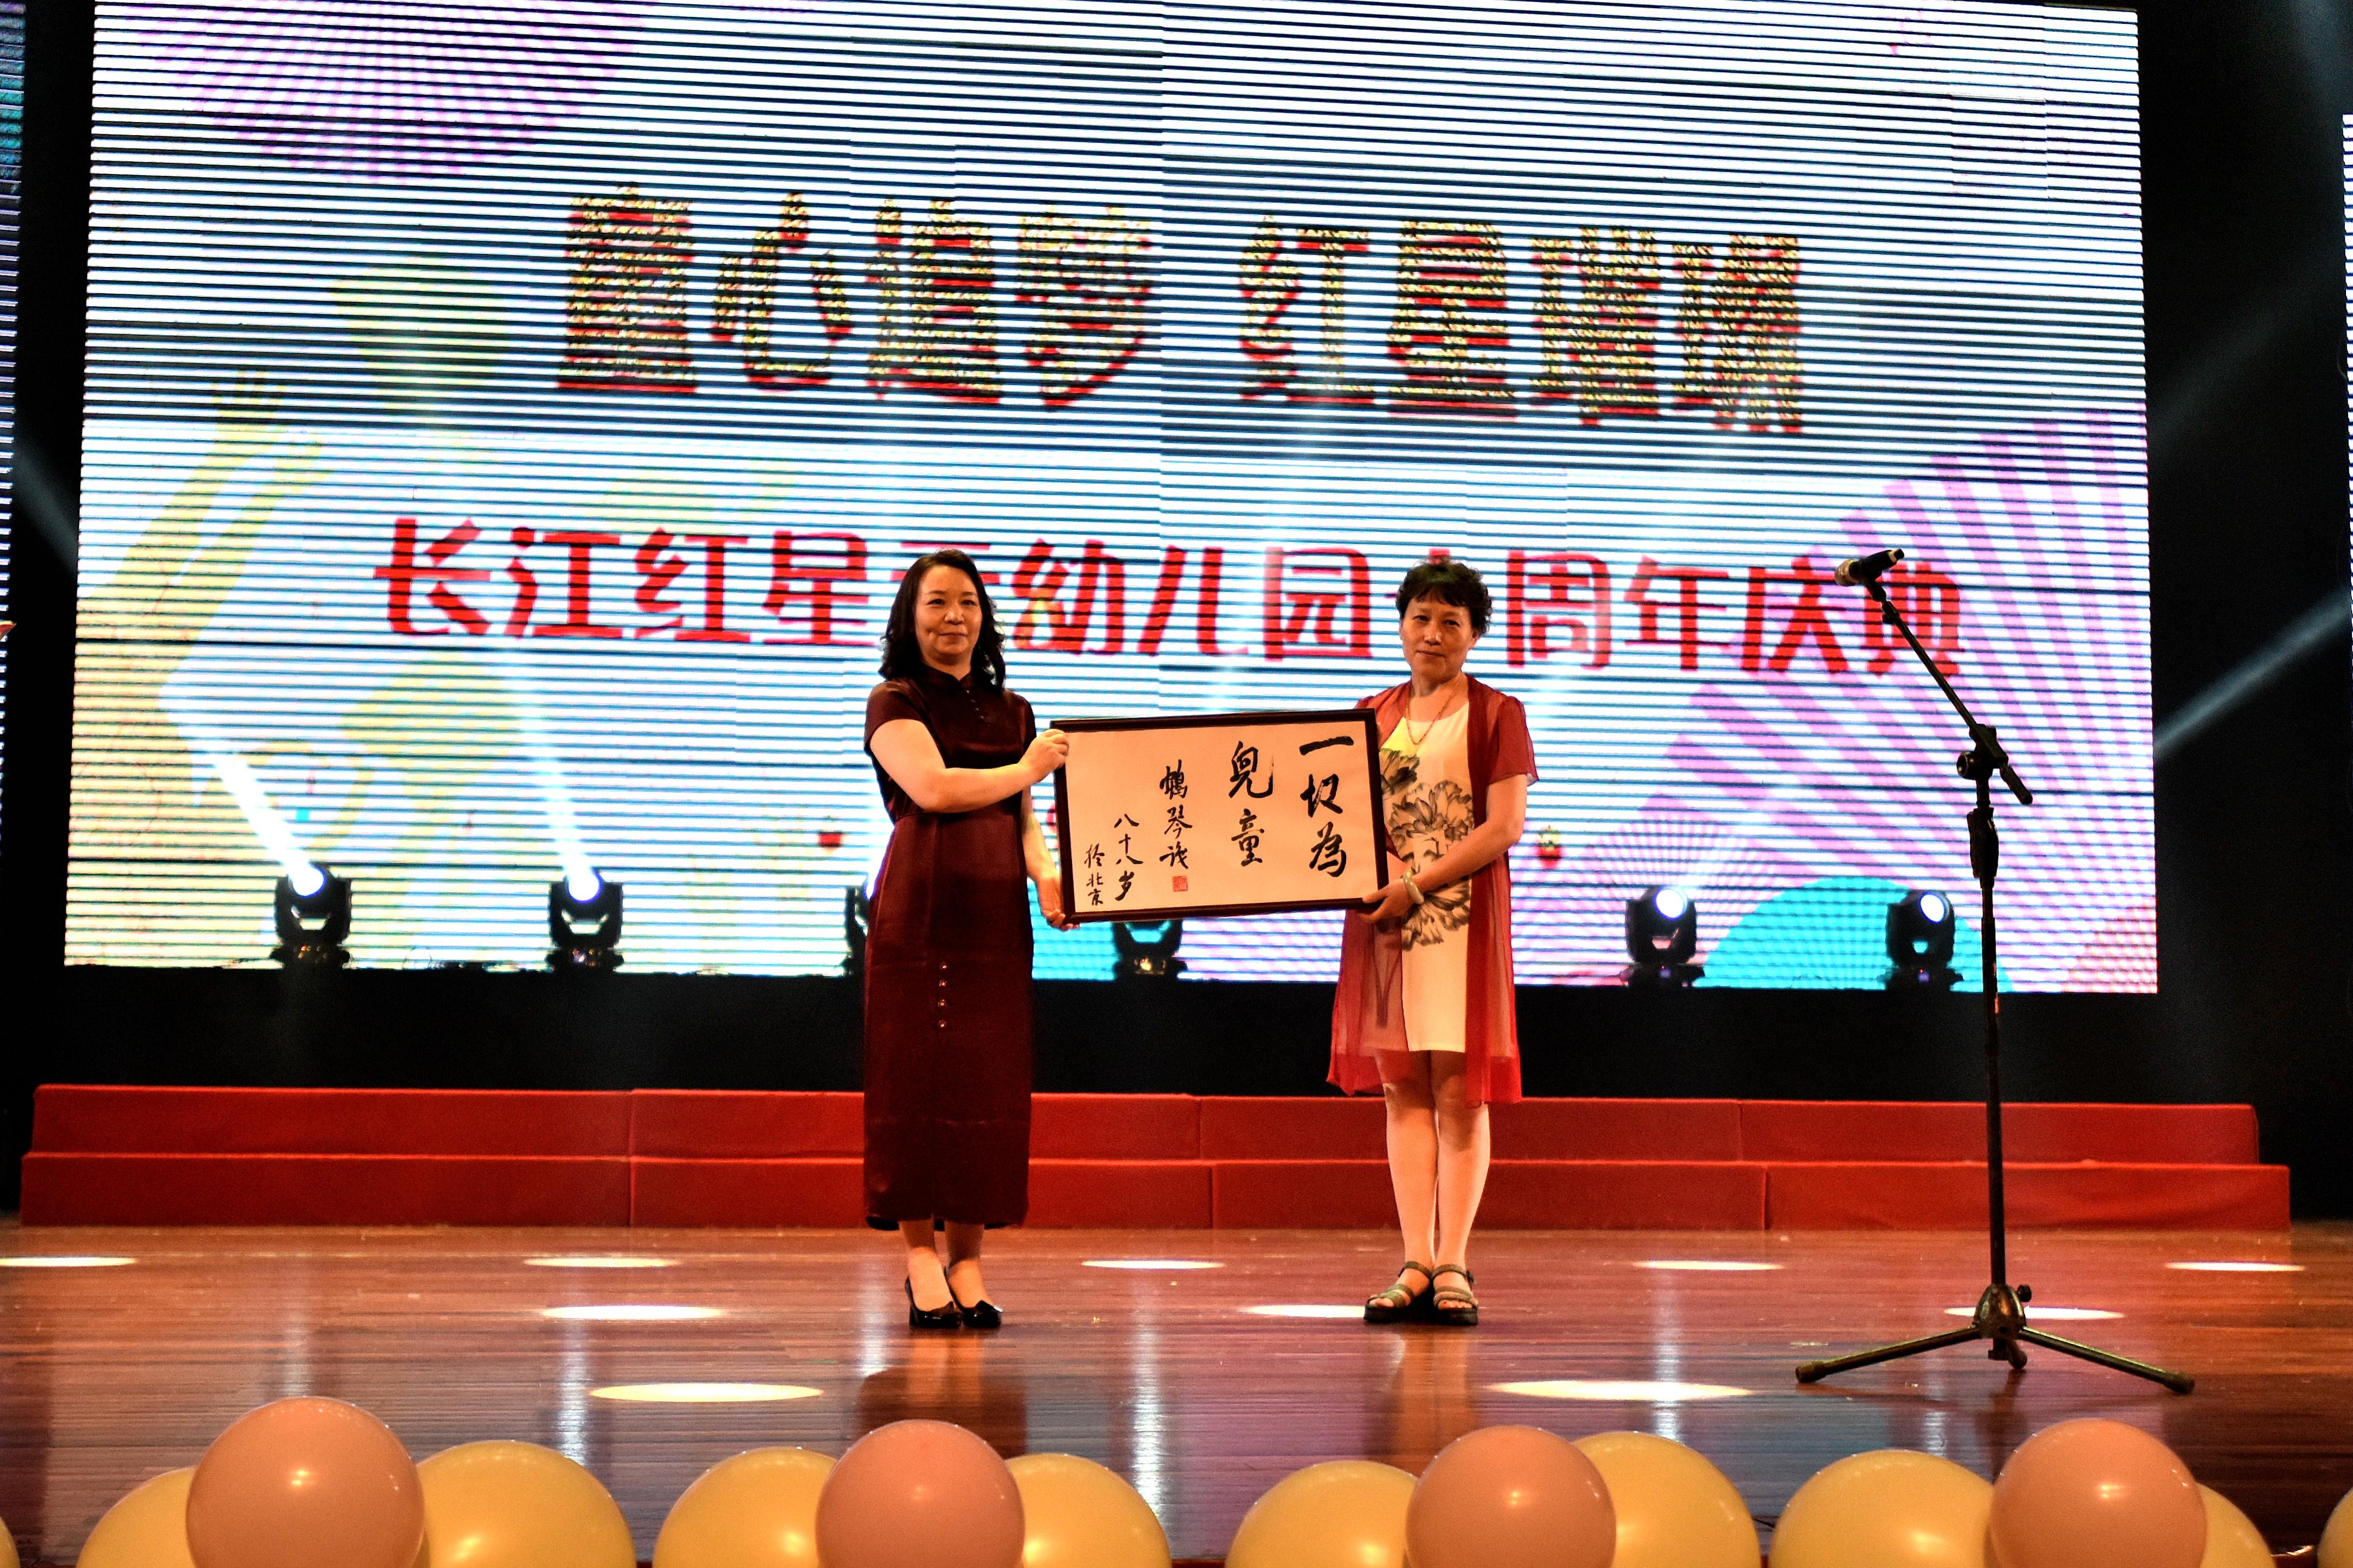 今天下午,千赢国际娱乐 app_千赢国际娱乐官网手机_千赢国际真人。